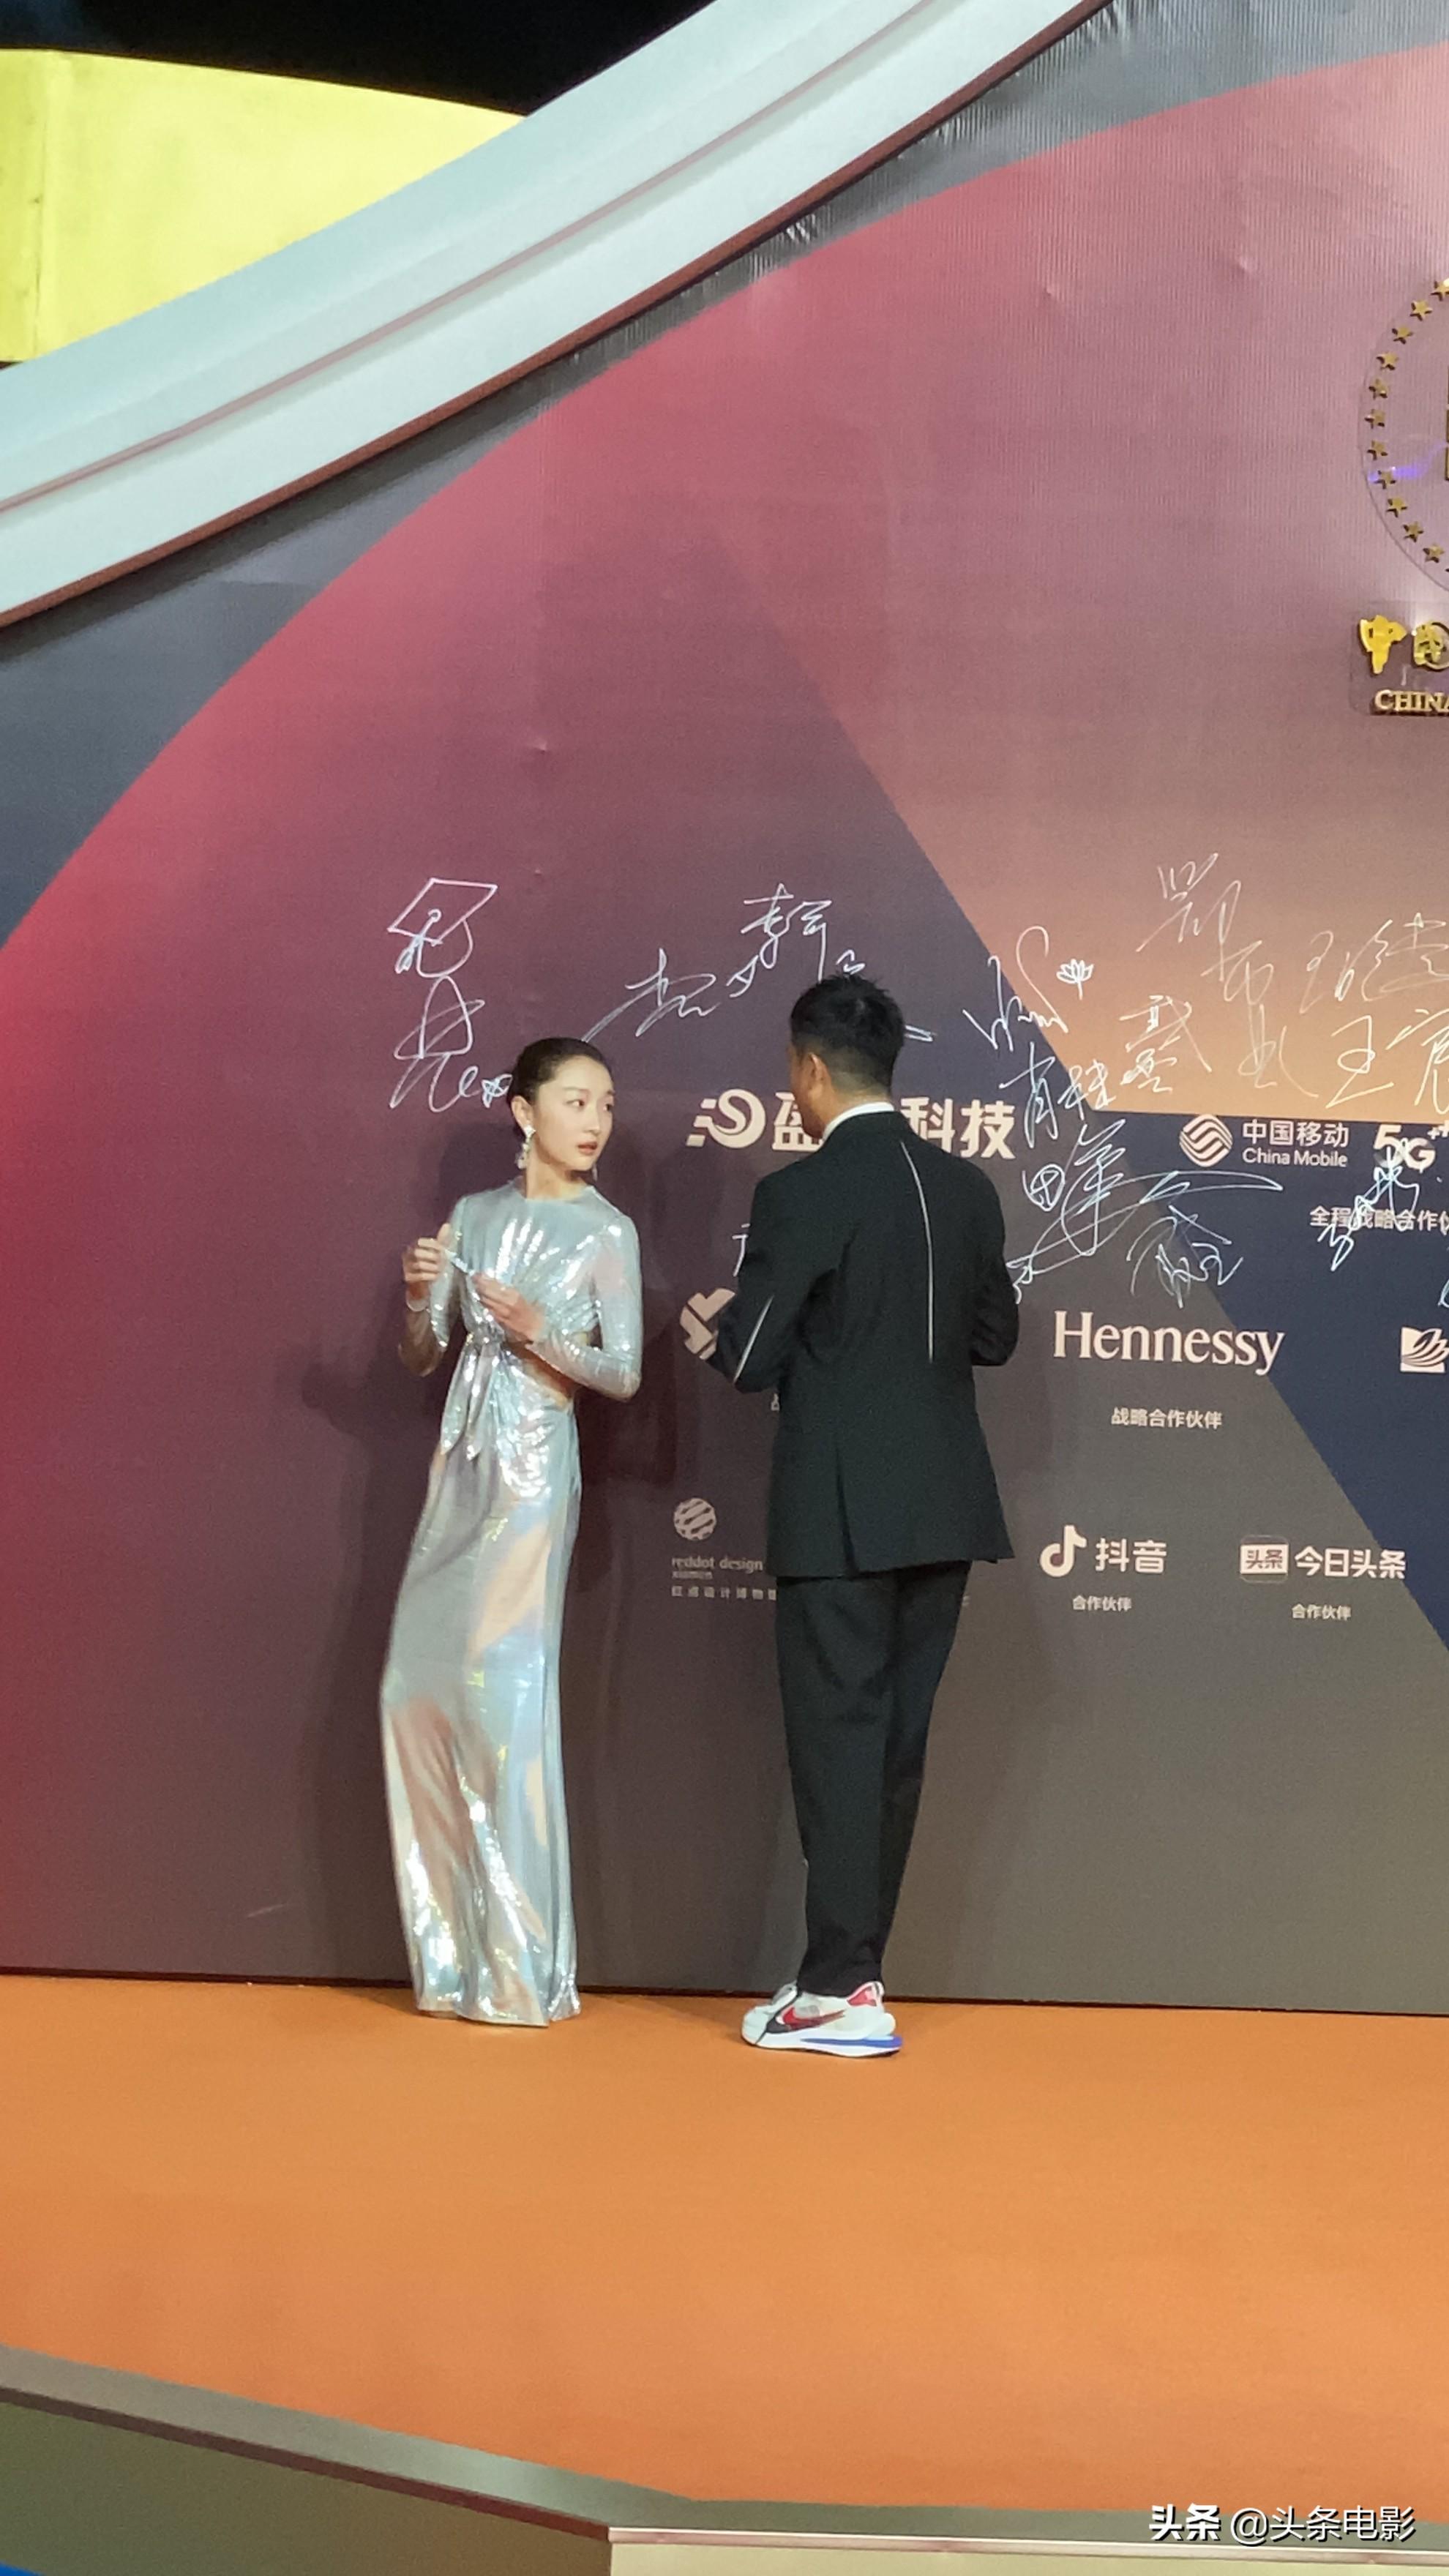 第33届金鸡奖闭幕式红毯 易烊千玺李现周冬雨佟丽娅贾玲等亮相